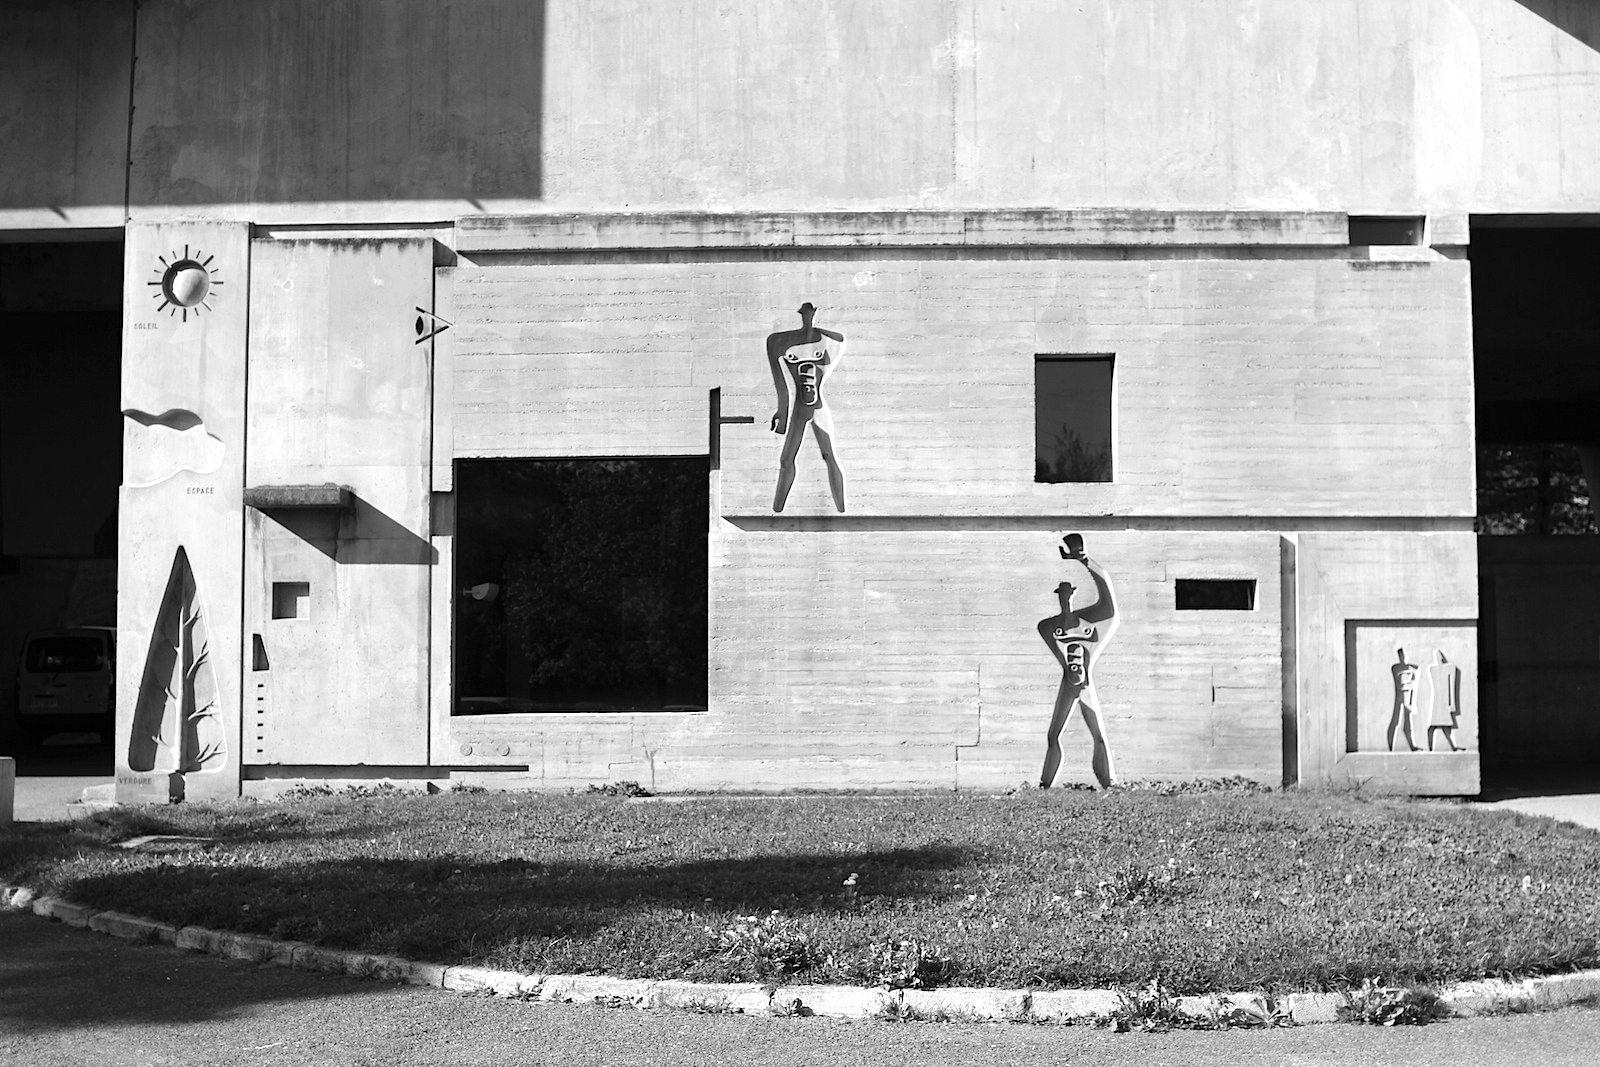 Schnitt Einer Wohnung In Der Unite DHabitation Mit Dem Von Le Corbusier